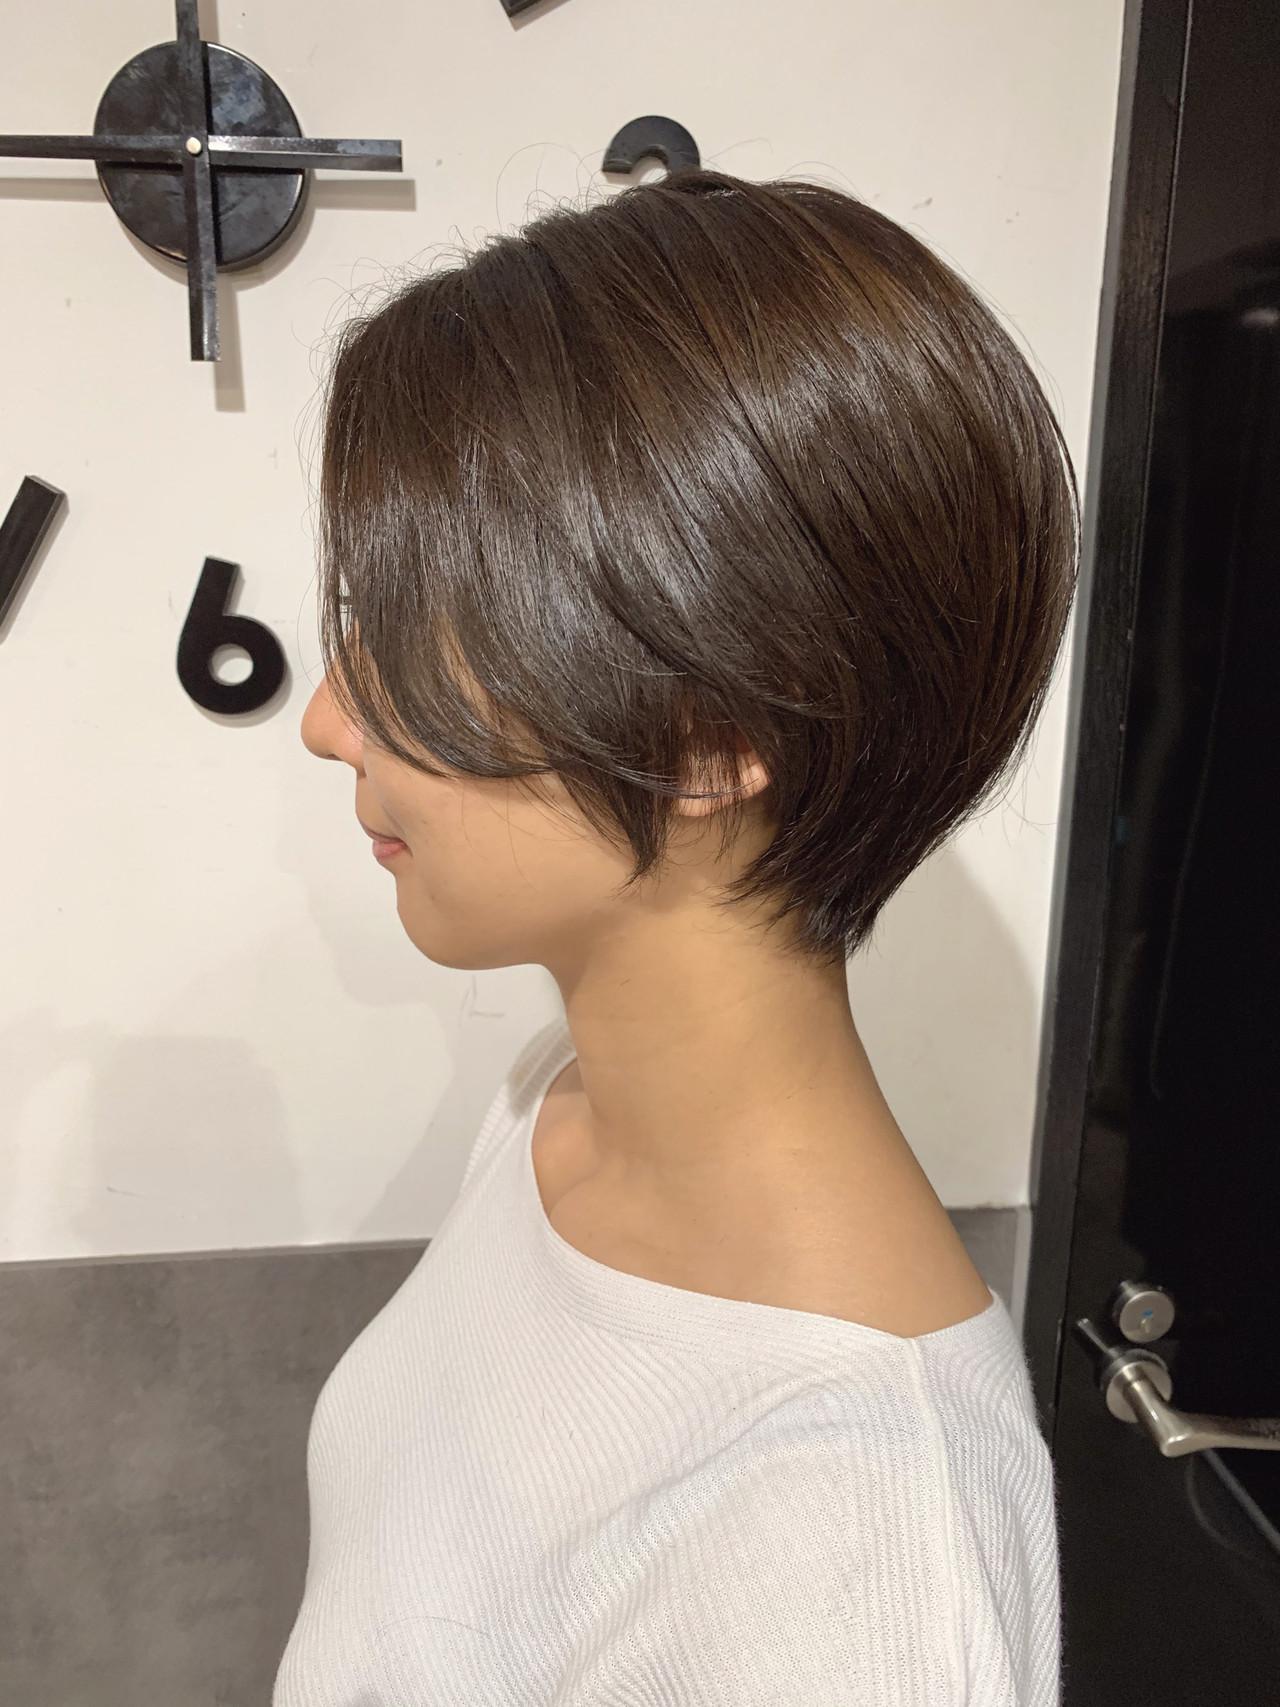 フェミニン 小顔ショート ハンサムショート ショートボブ ヘアスタイルや髪型の写真・画像 | オカモト ナツキ/ショートヘア / Neolive susu